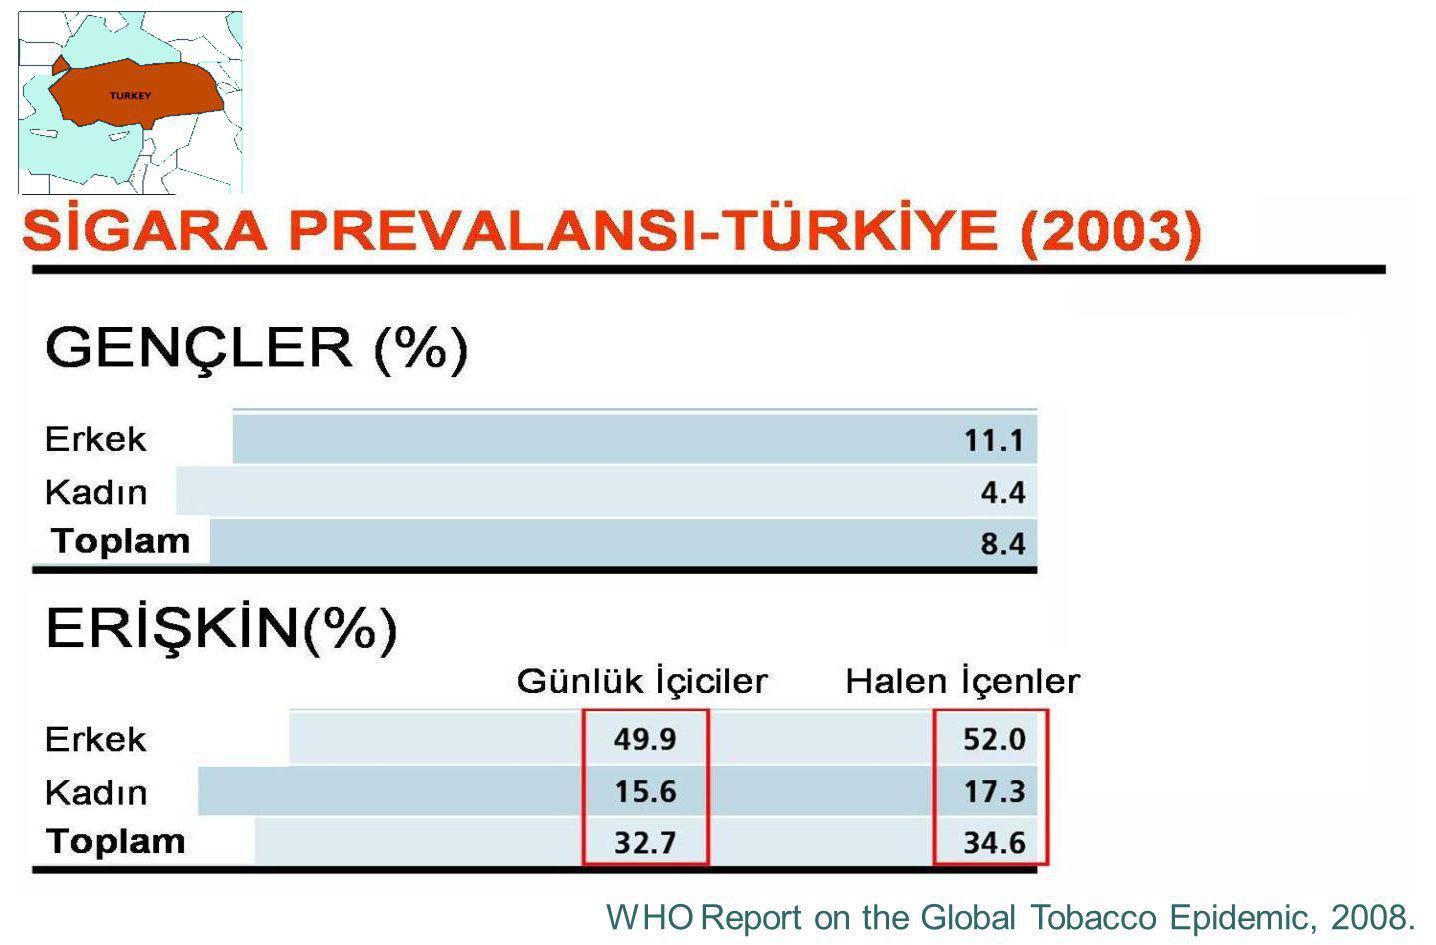 Türkiye'de sigara içme prevalansı ■ Erişkin (15+ yaş)** ' *** : 34 - 43% ( ♂ erkek: %57-62, ♀ kadın: %13-25) ■ Çocuklar (7-13 yaş)** ' *** : 13% ■ Lise*** : 20% ■ Gebeler* : 15% ■ Emziren anneler* : 20% Sources: * Turkey Demographics and Health Survey, 2003, ANKARA.